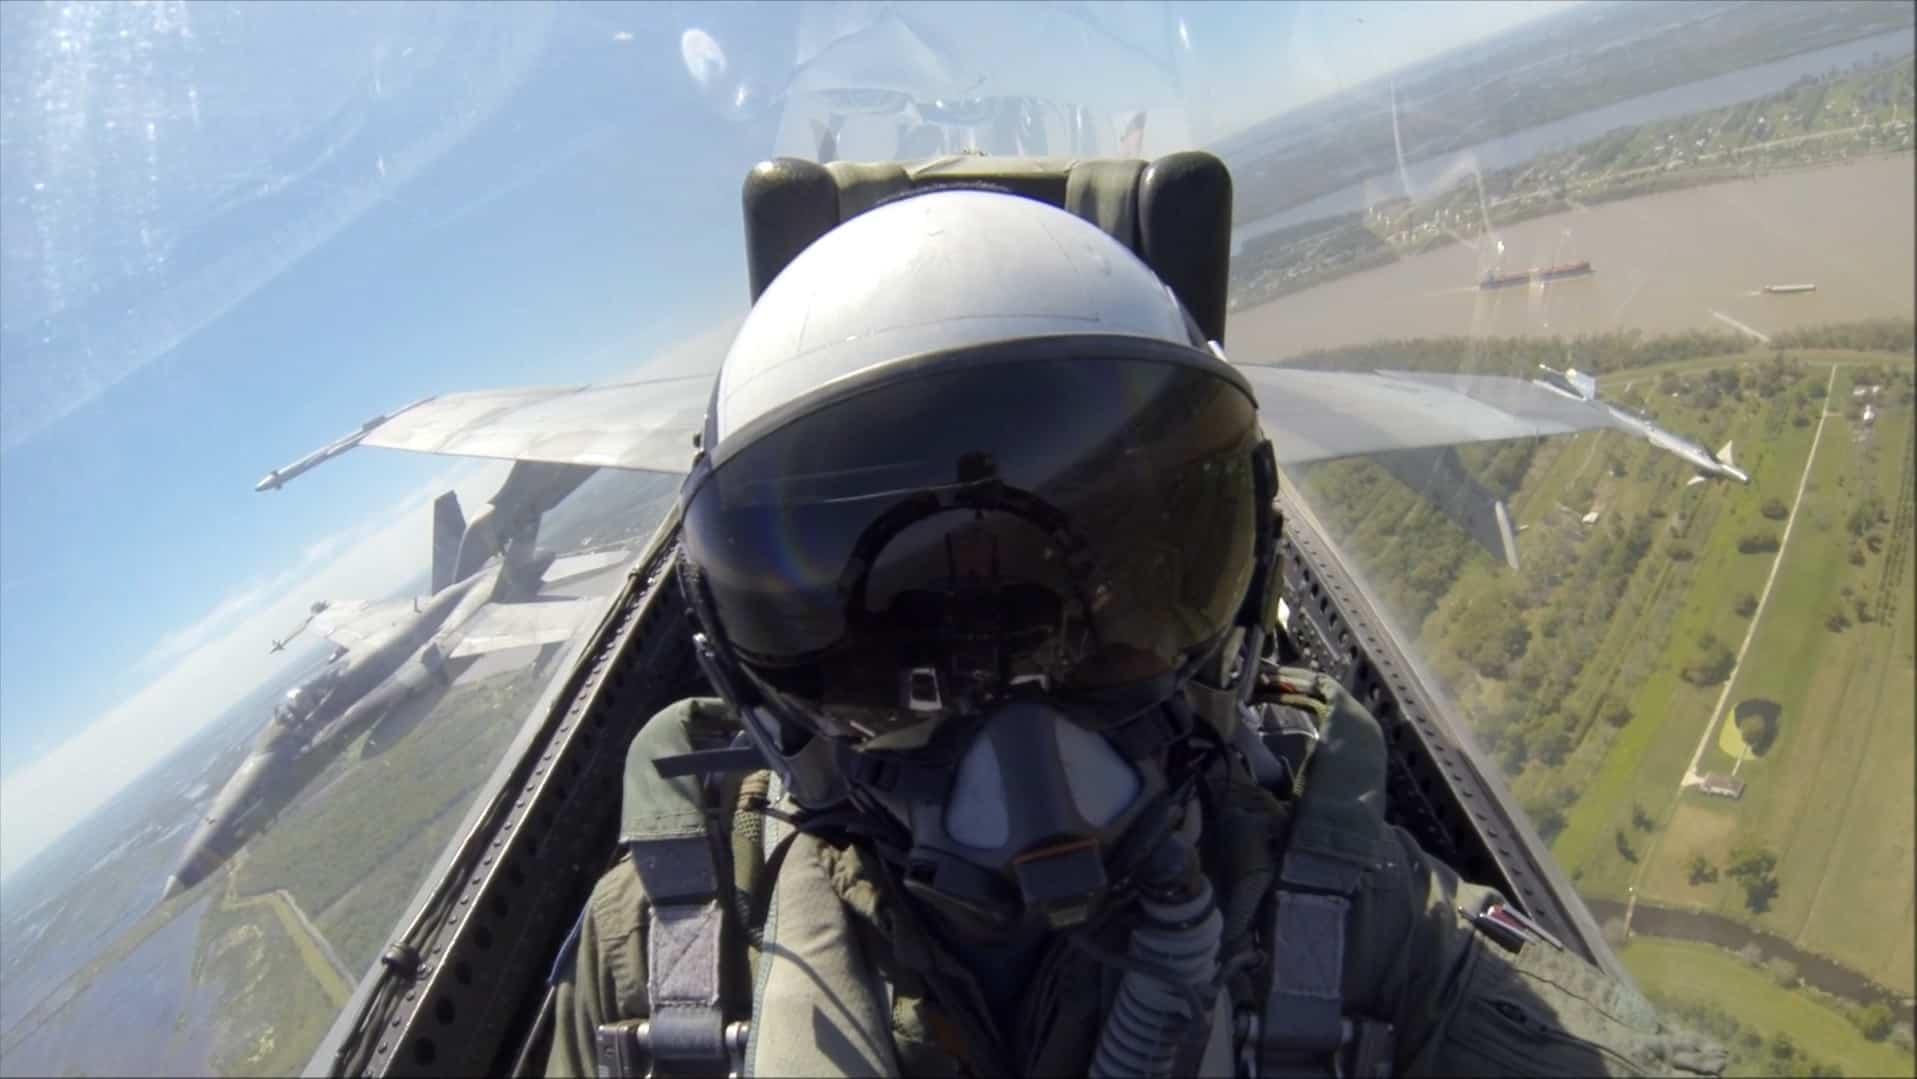 Два Boeing F/A-18A + Hornet з VFA-204 повертаються до військово-морського флоту Нового Орлеана після навчальної місії.